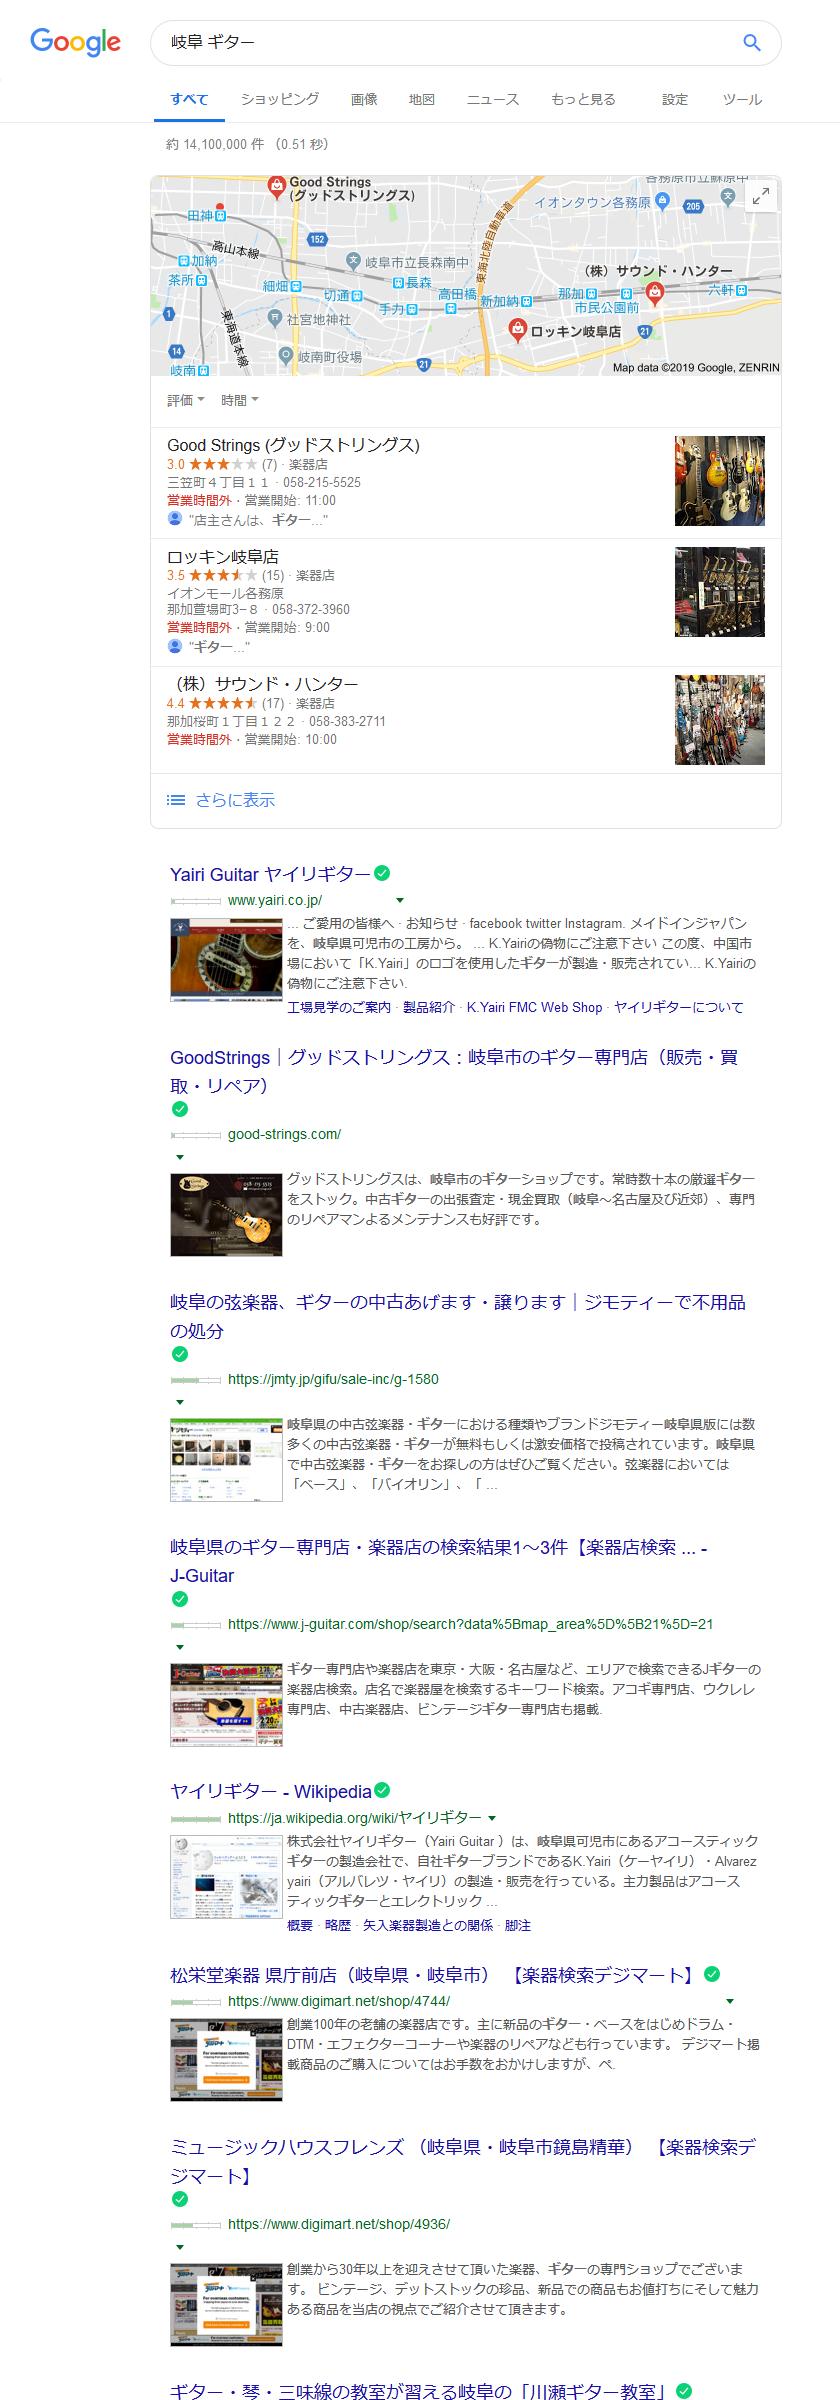 岐阜 ギター 検索結果スクリーンショット